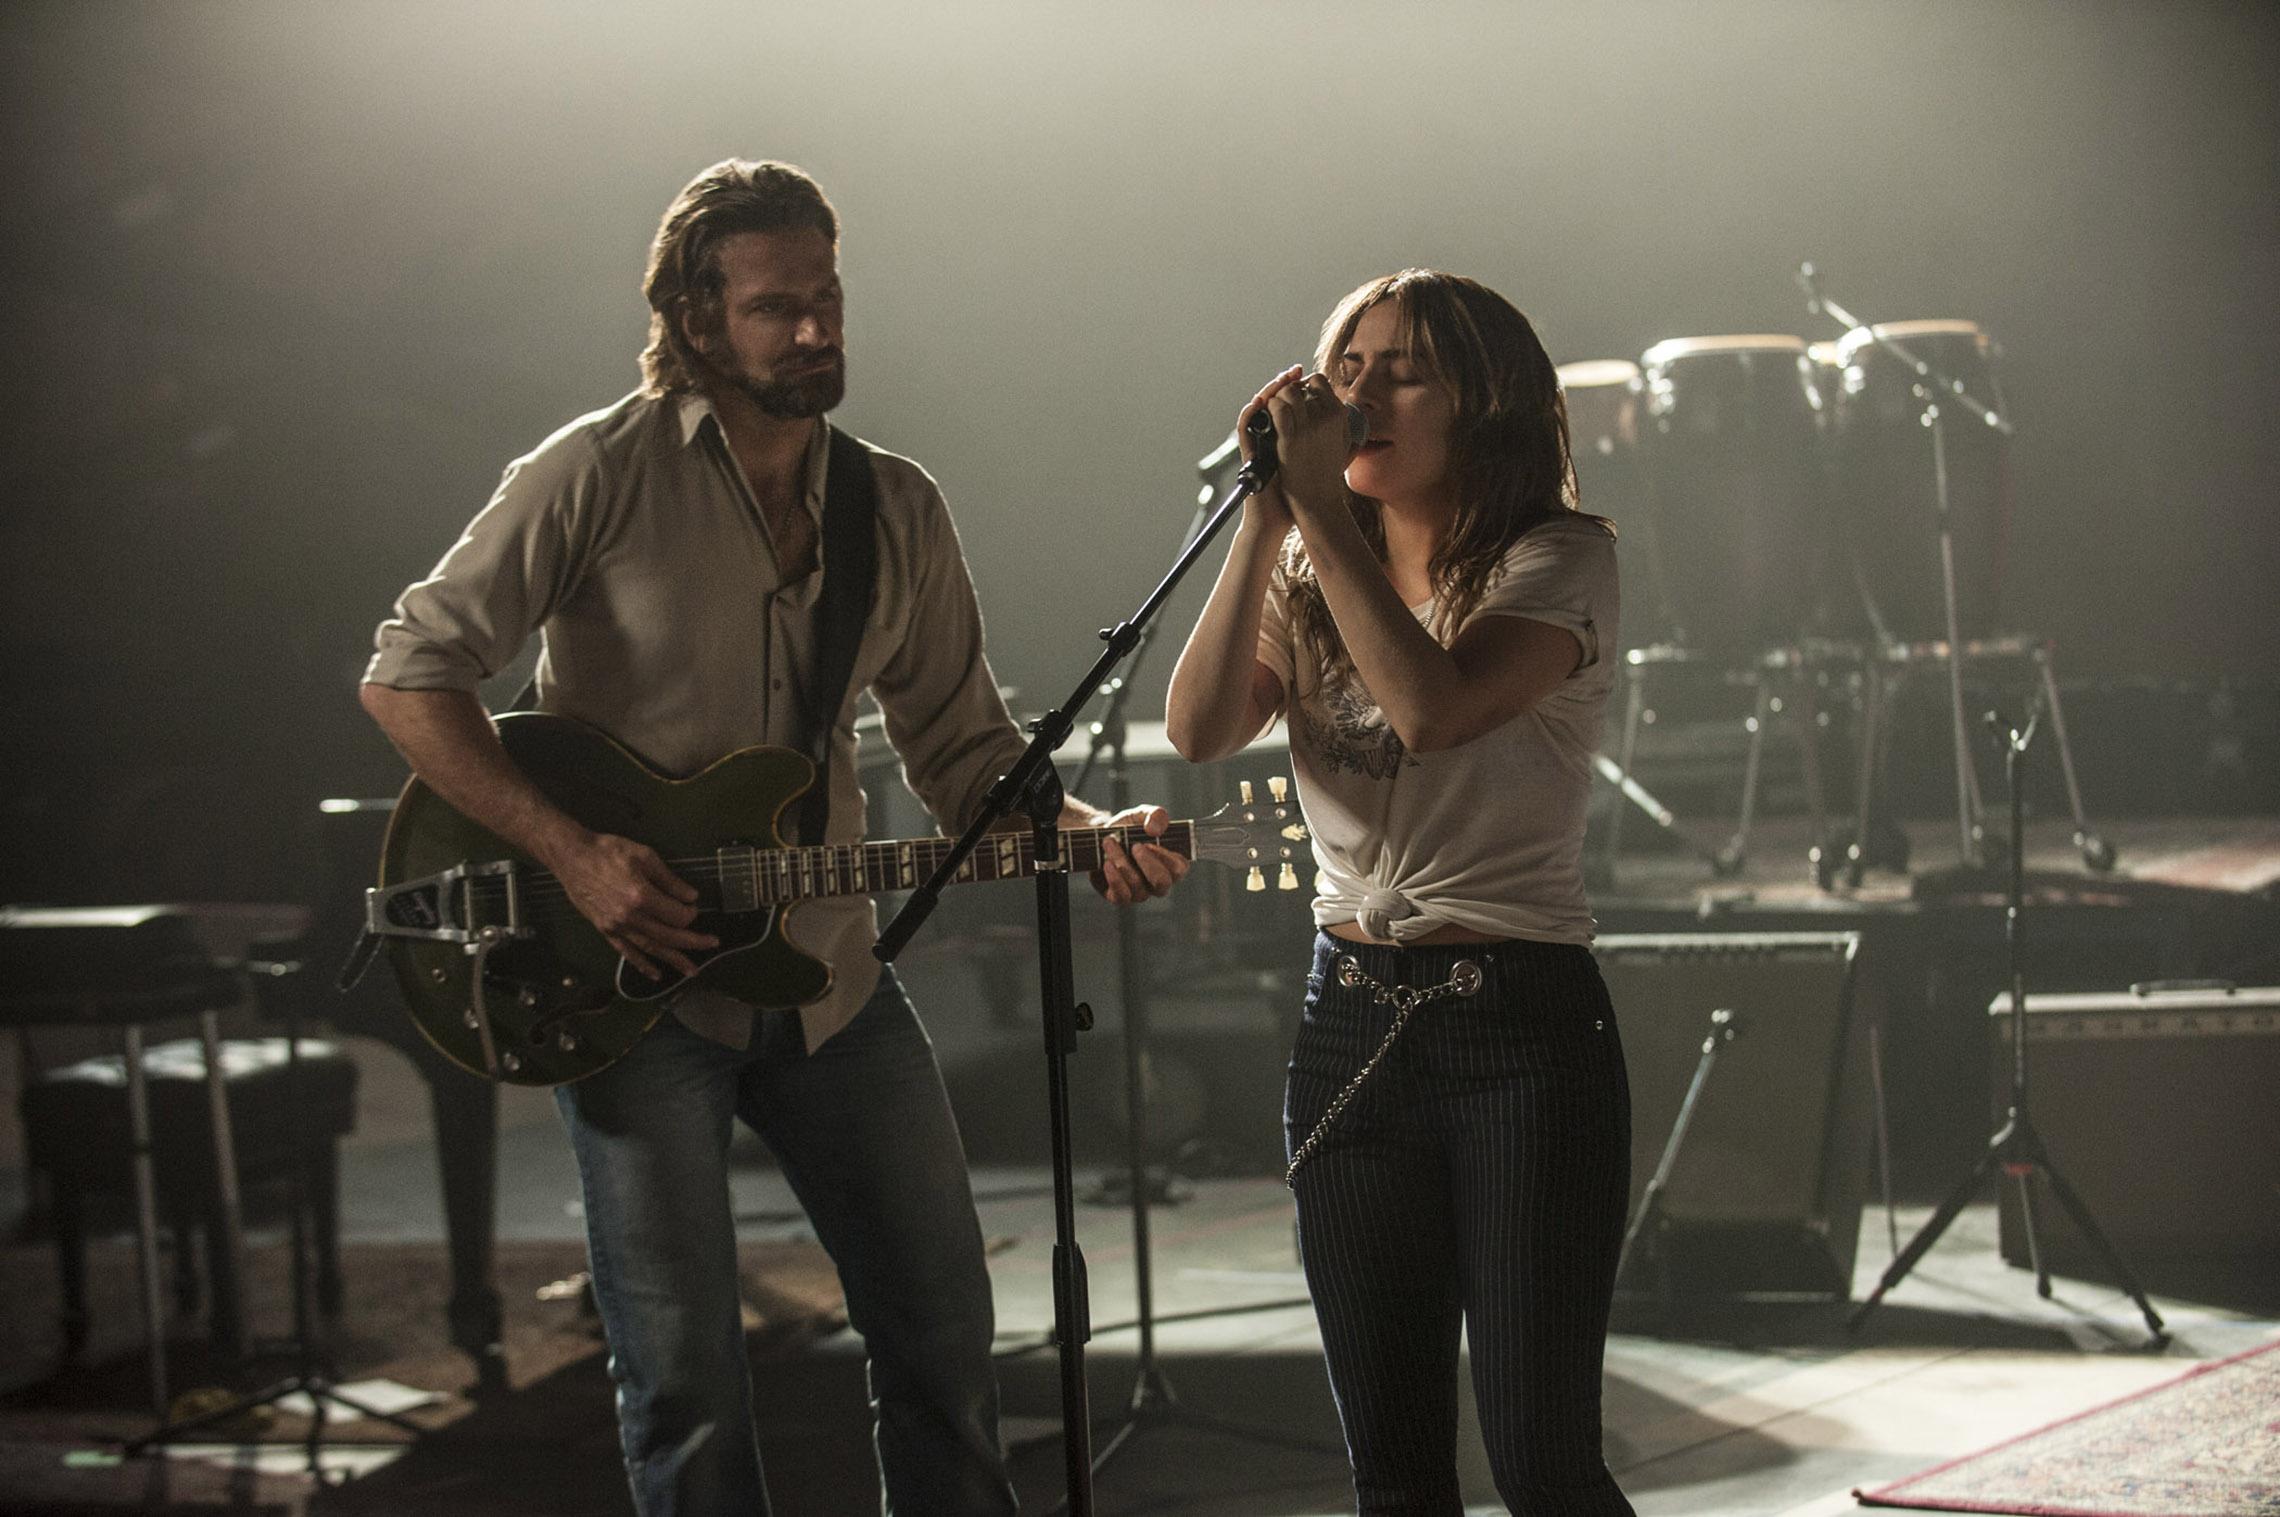 Bradley Cooper & Lady Gaga in  A Star Is Born  | Warner Bros.